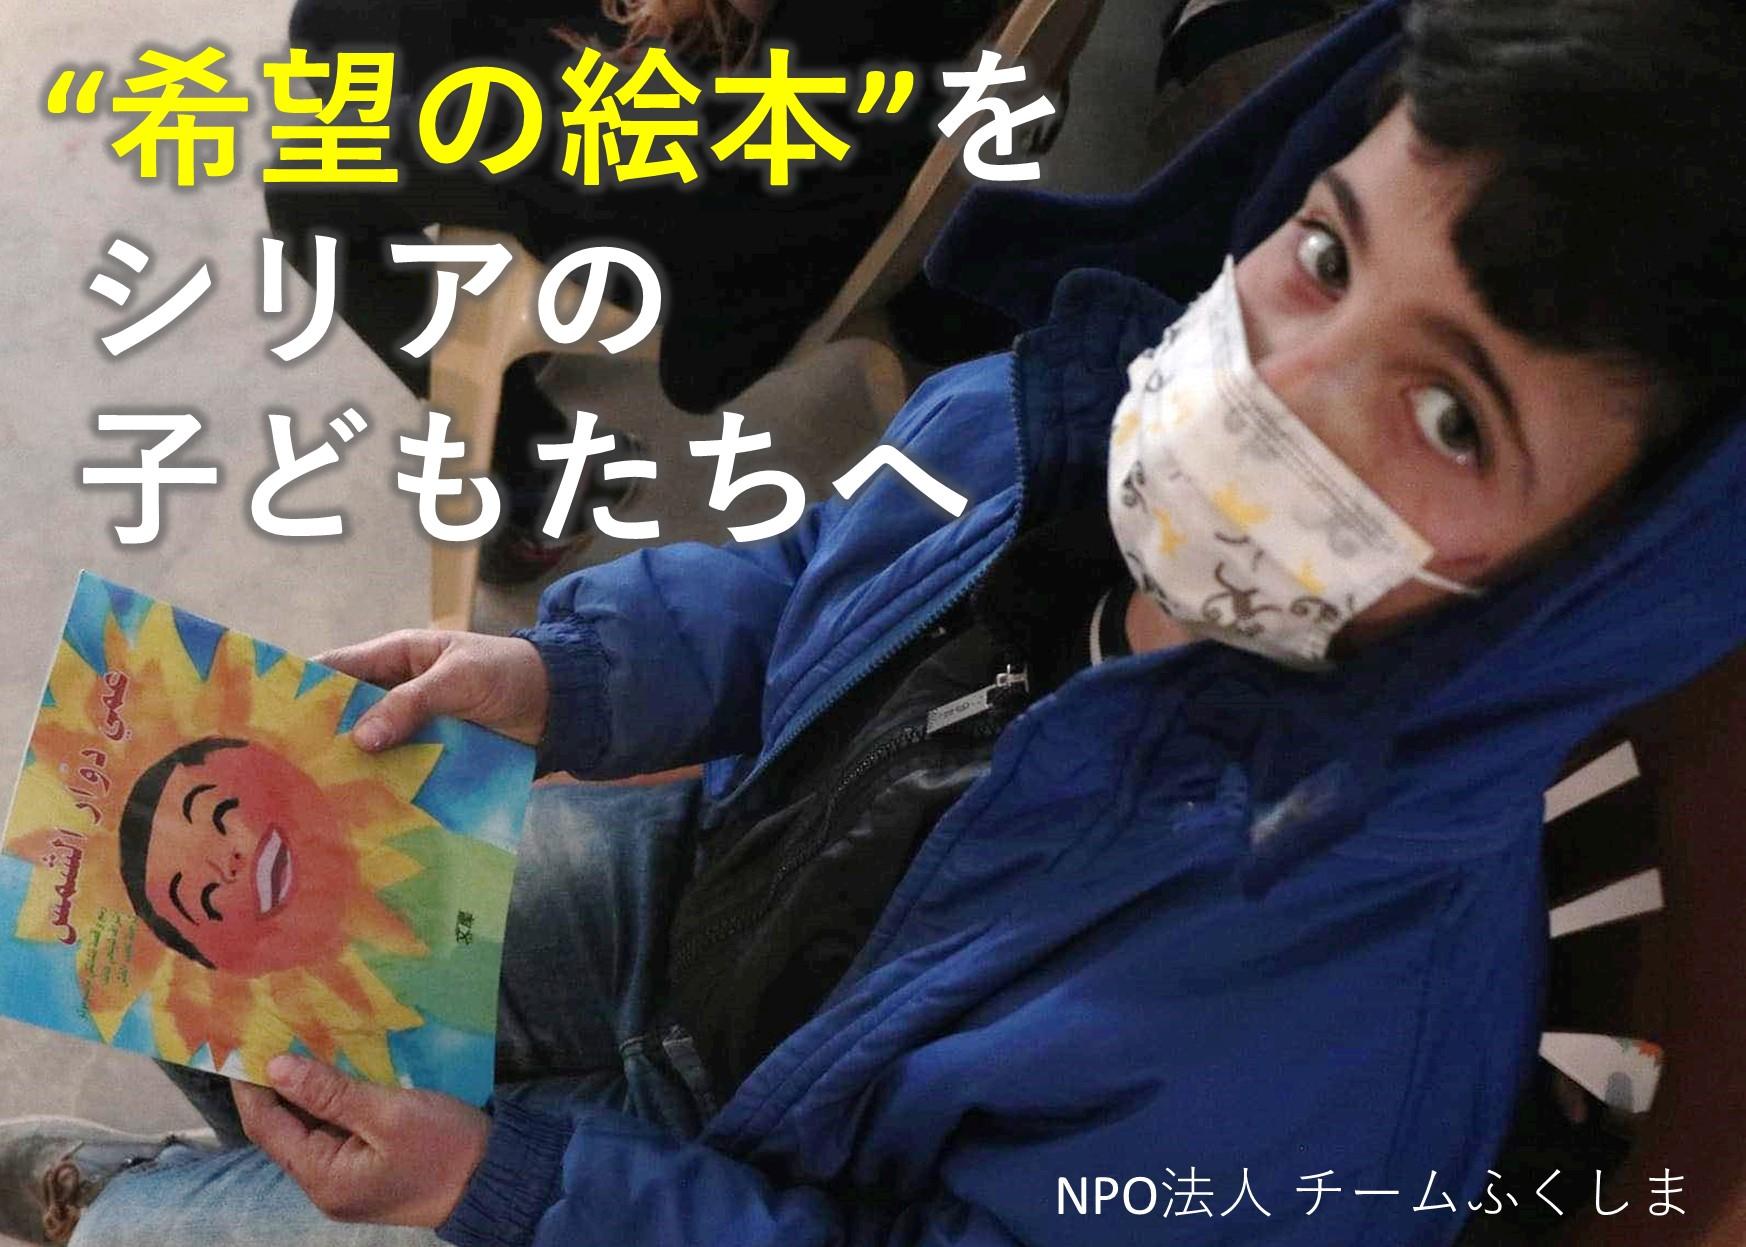 """福島からシリアの子どもたちへ贈る""""希望の絵本"""""""